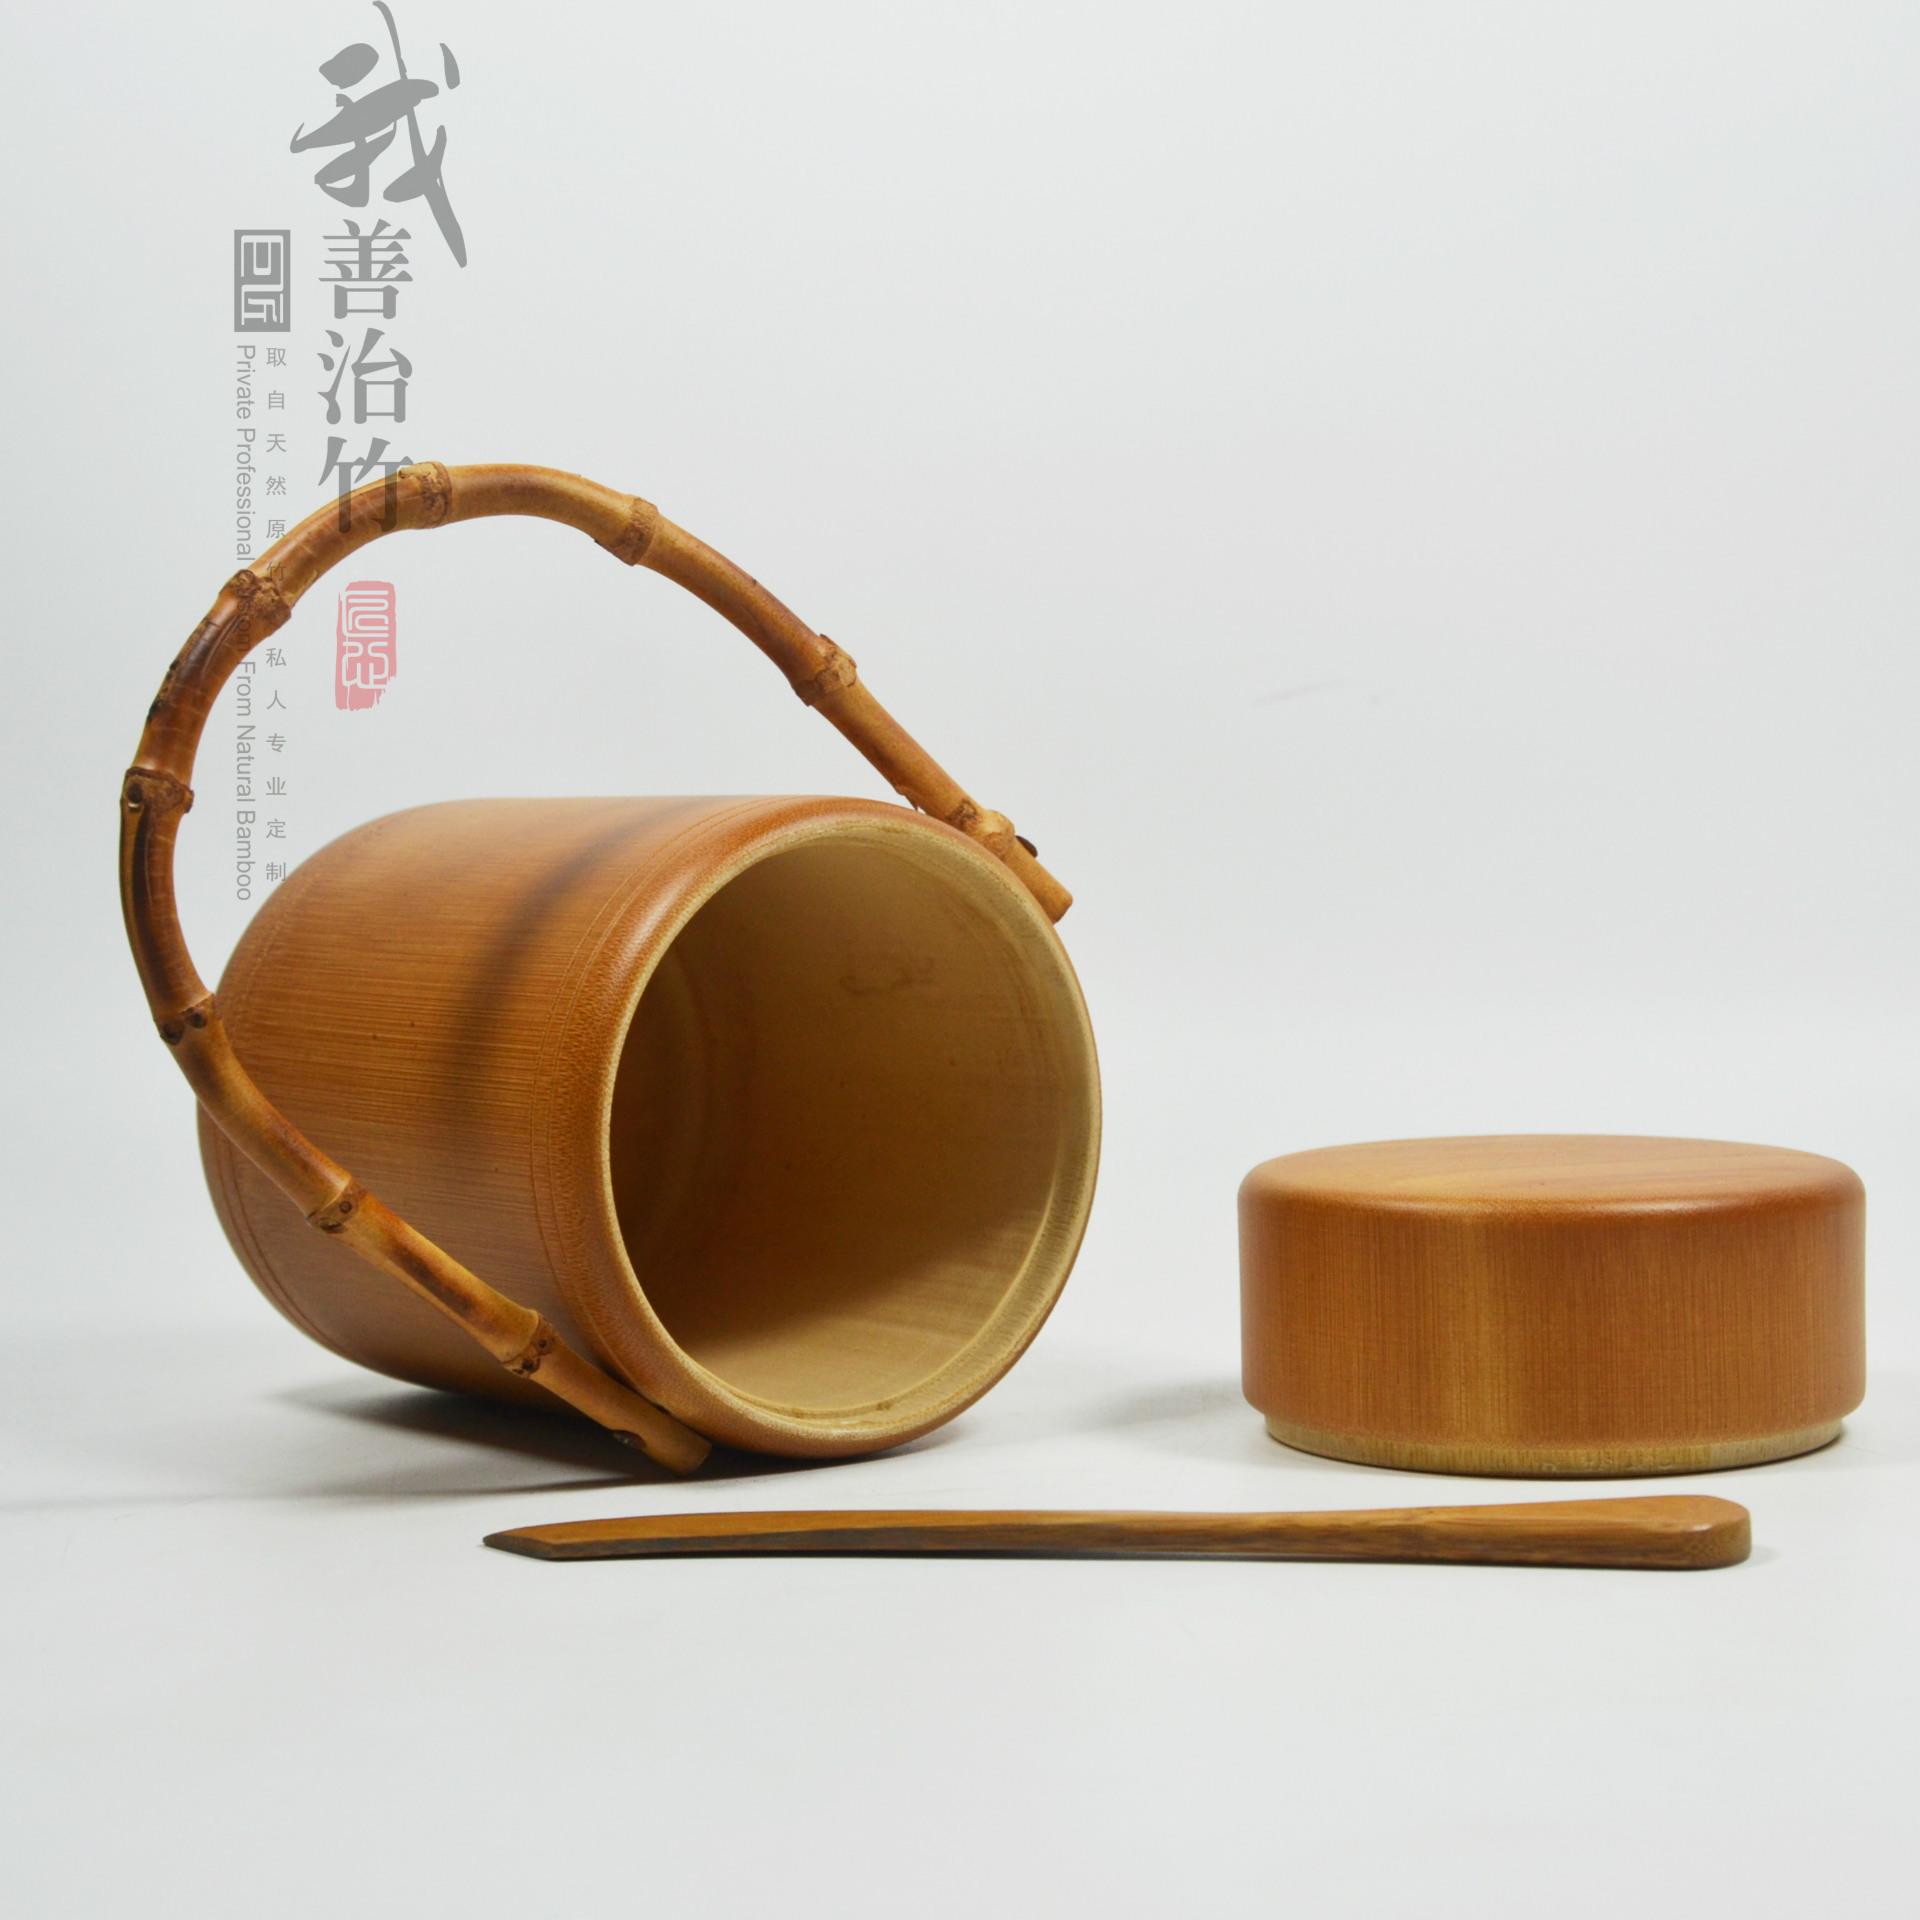 茶叶筒85-26-1